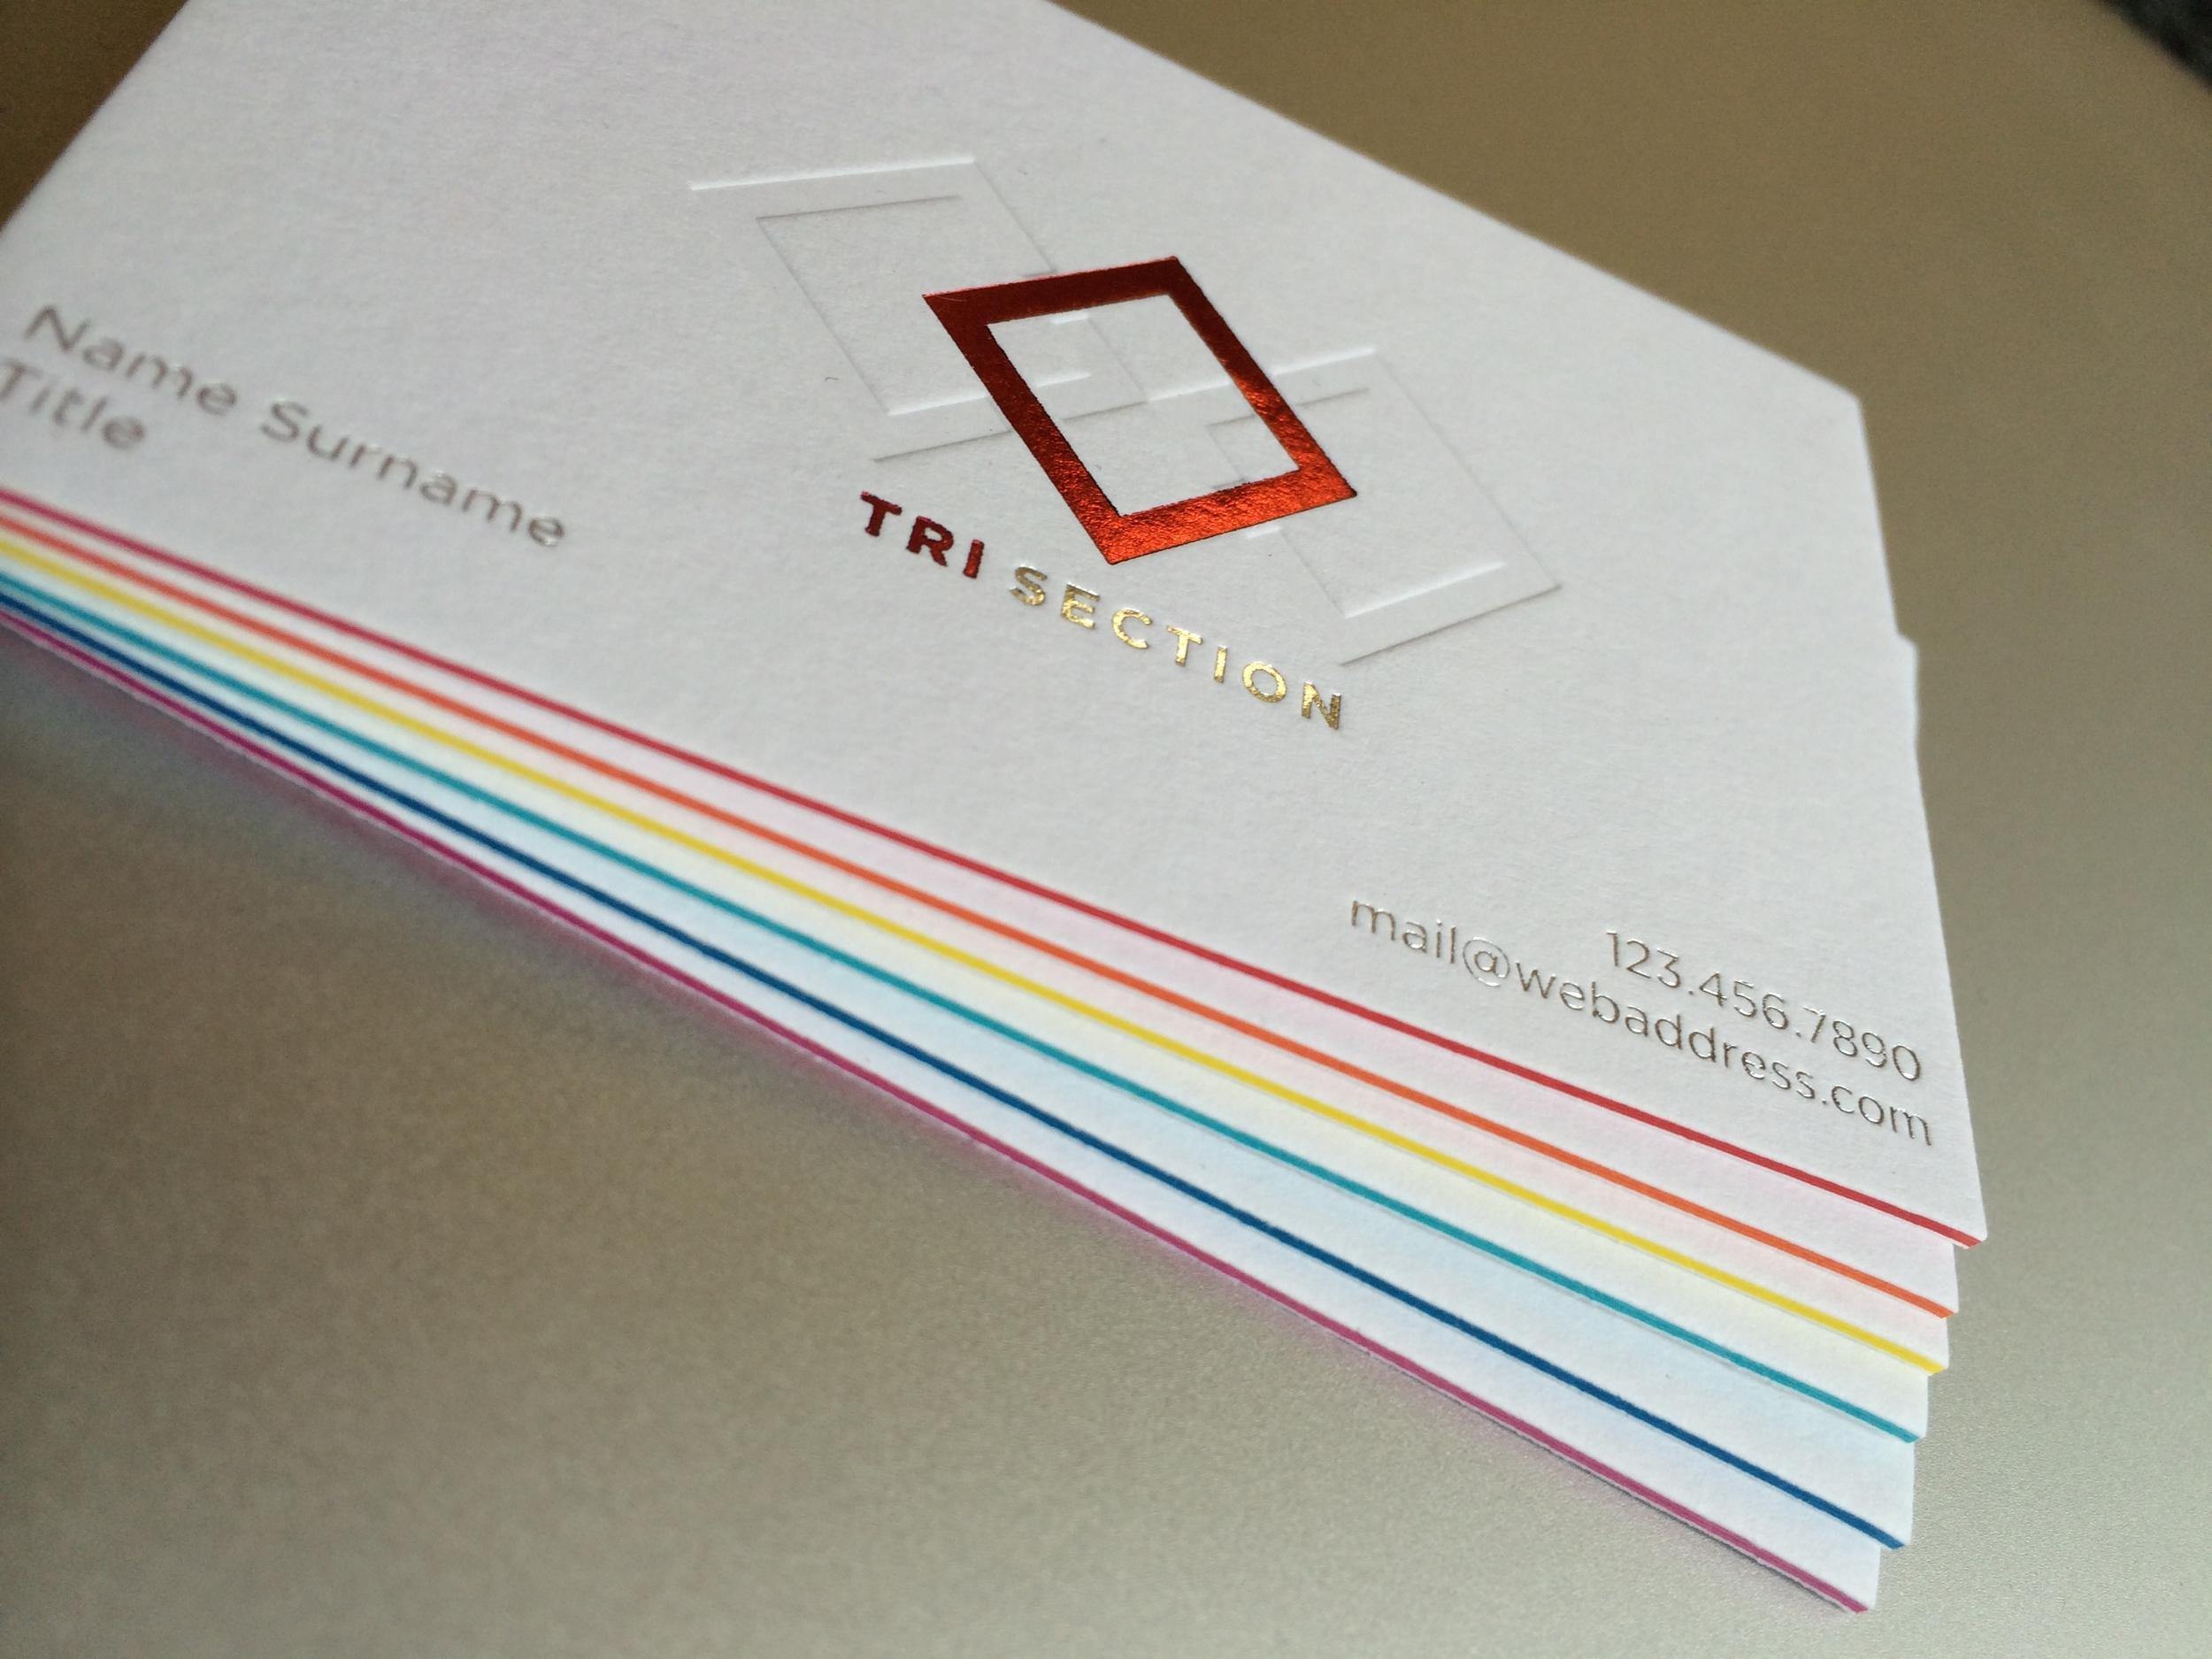 letterpressshot2.jpg